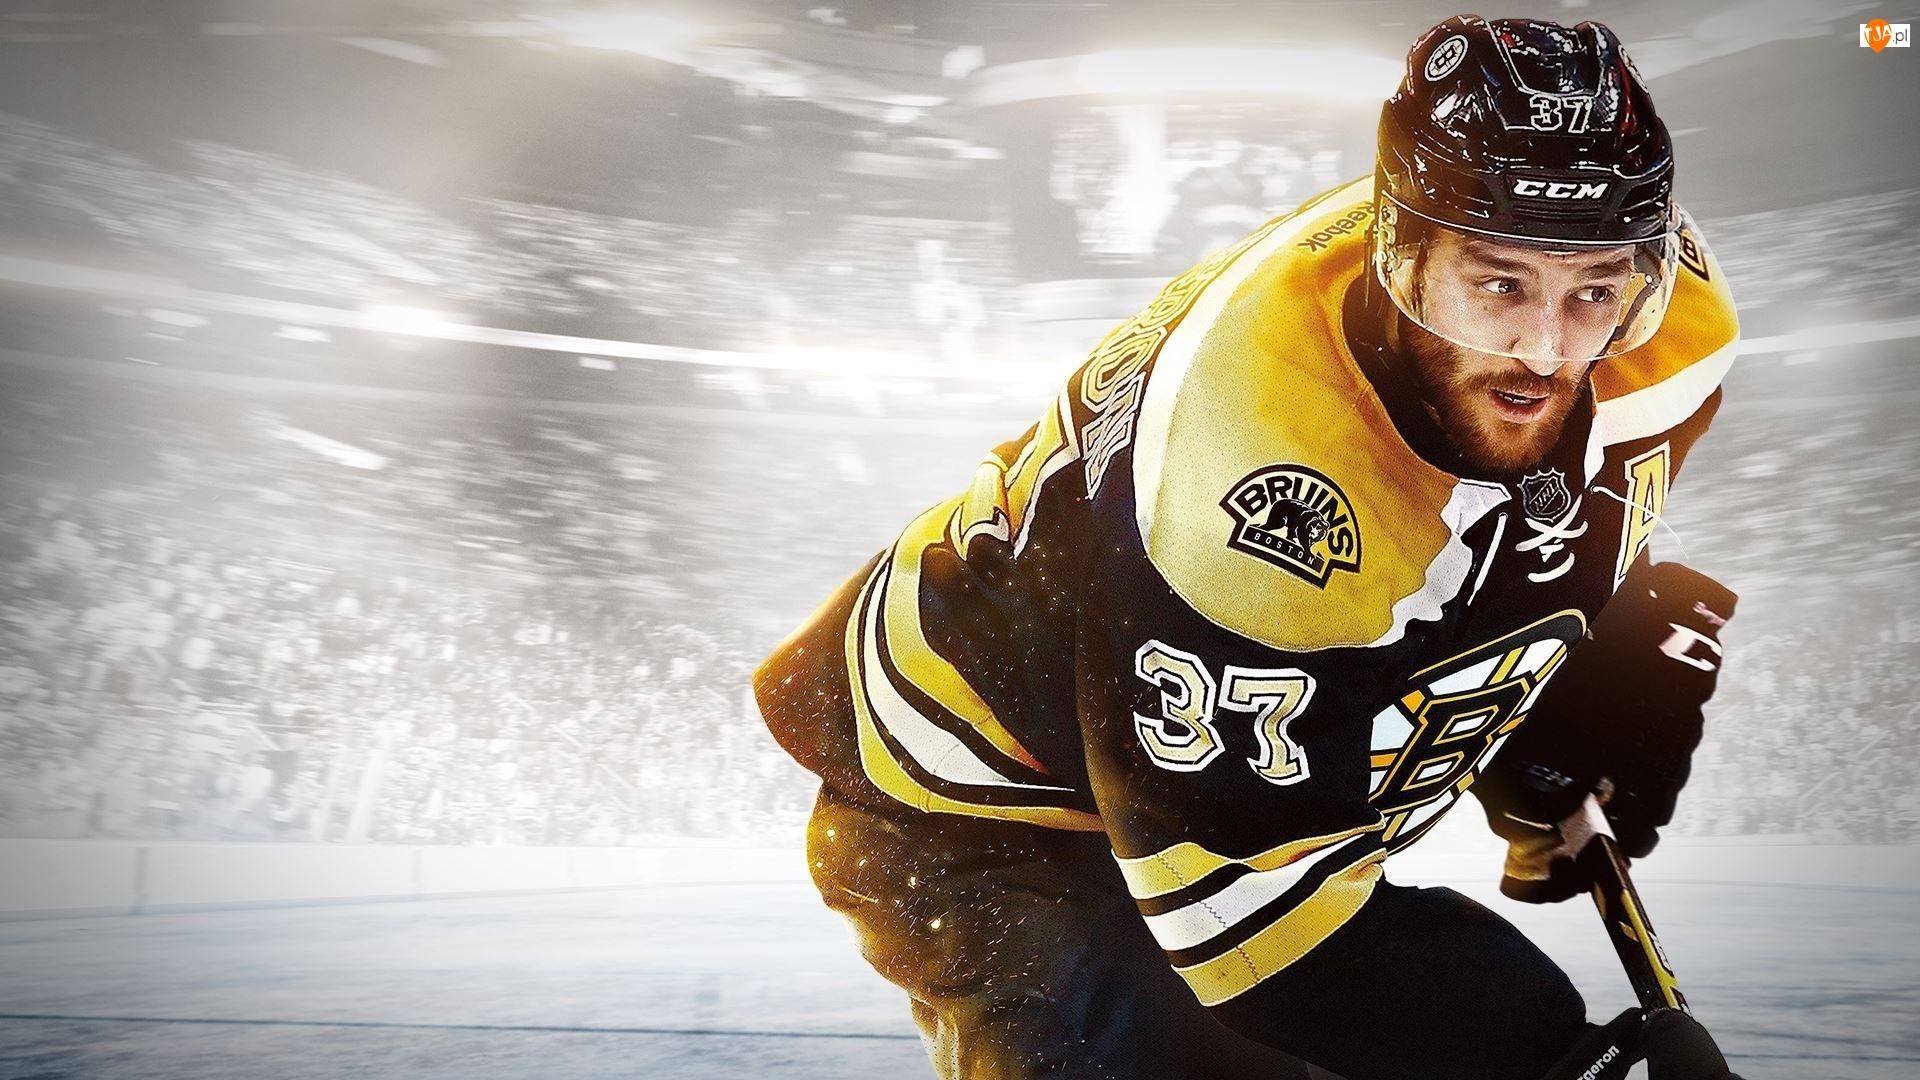 Hokej, Patrice Bergeron